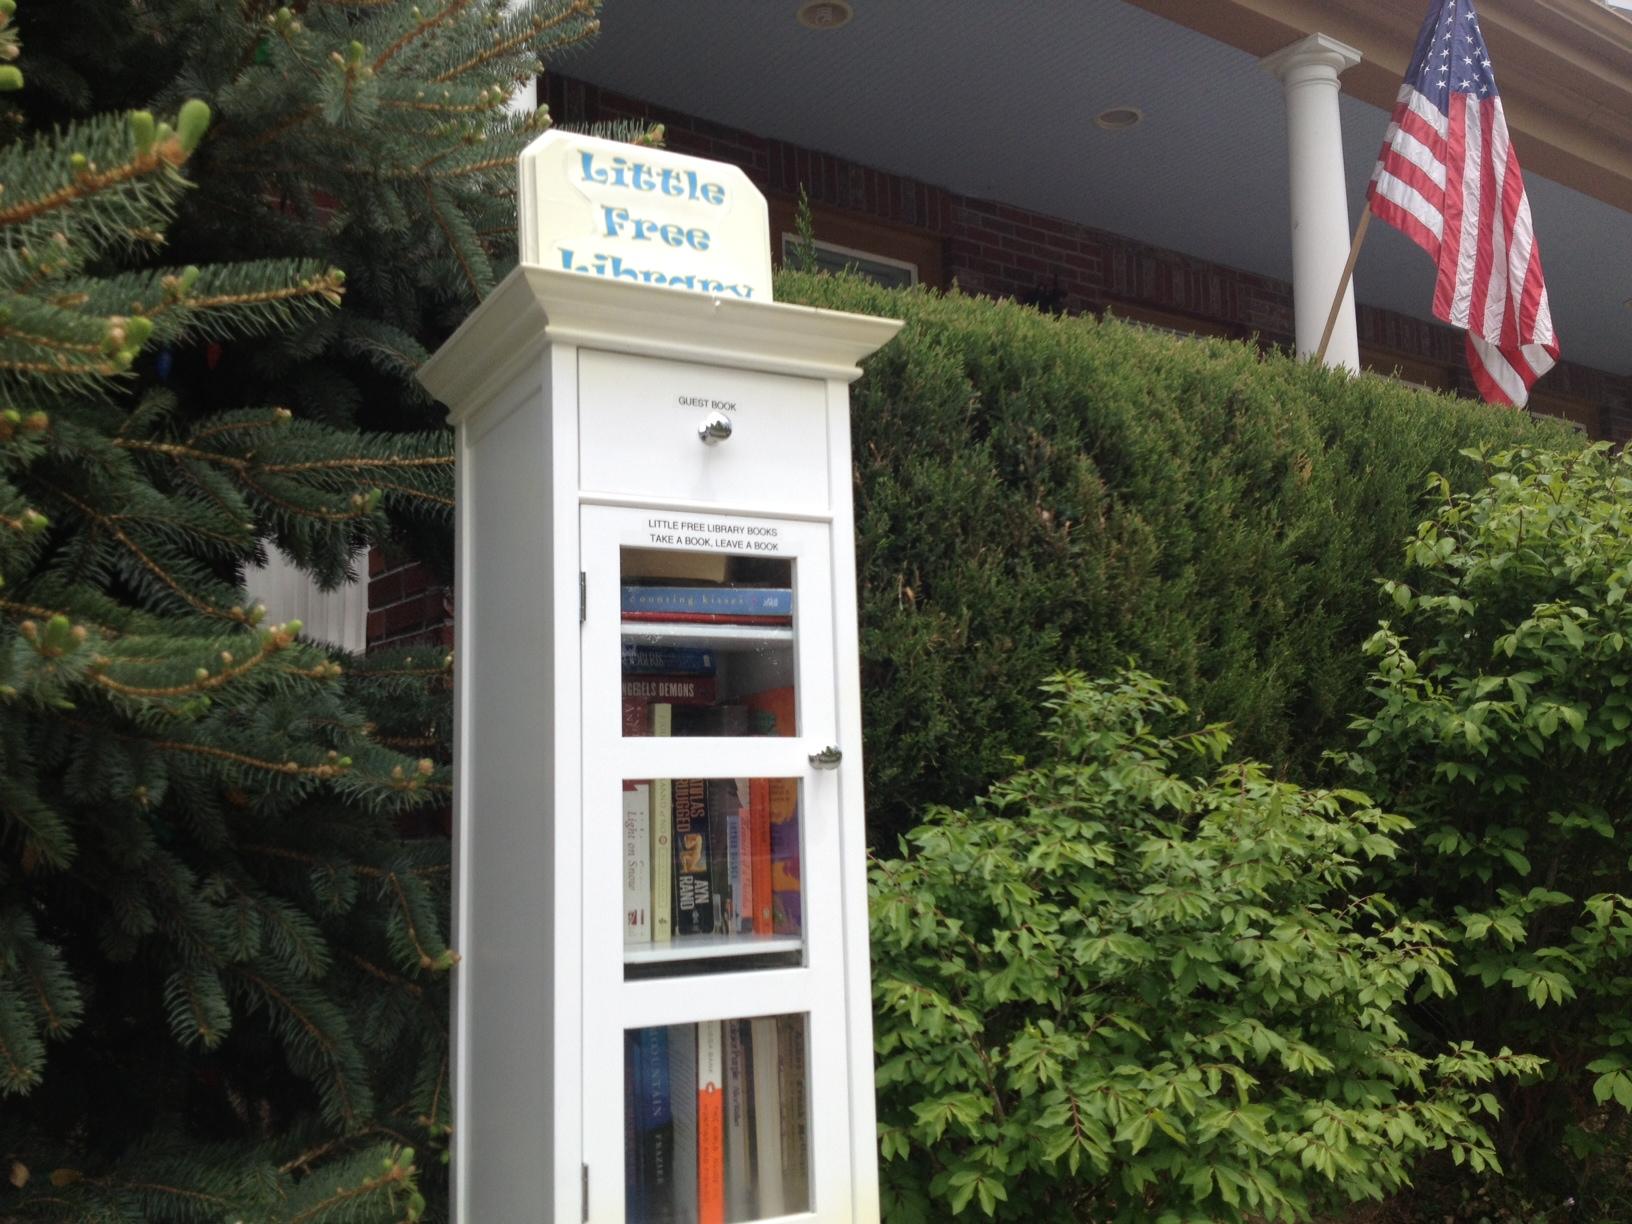 Little Free Library Stapleton